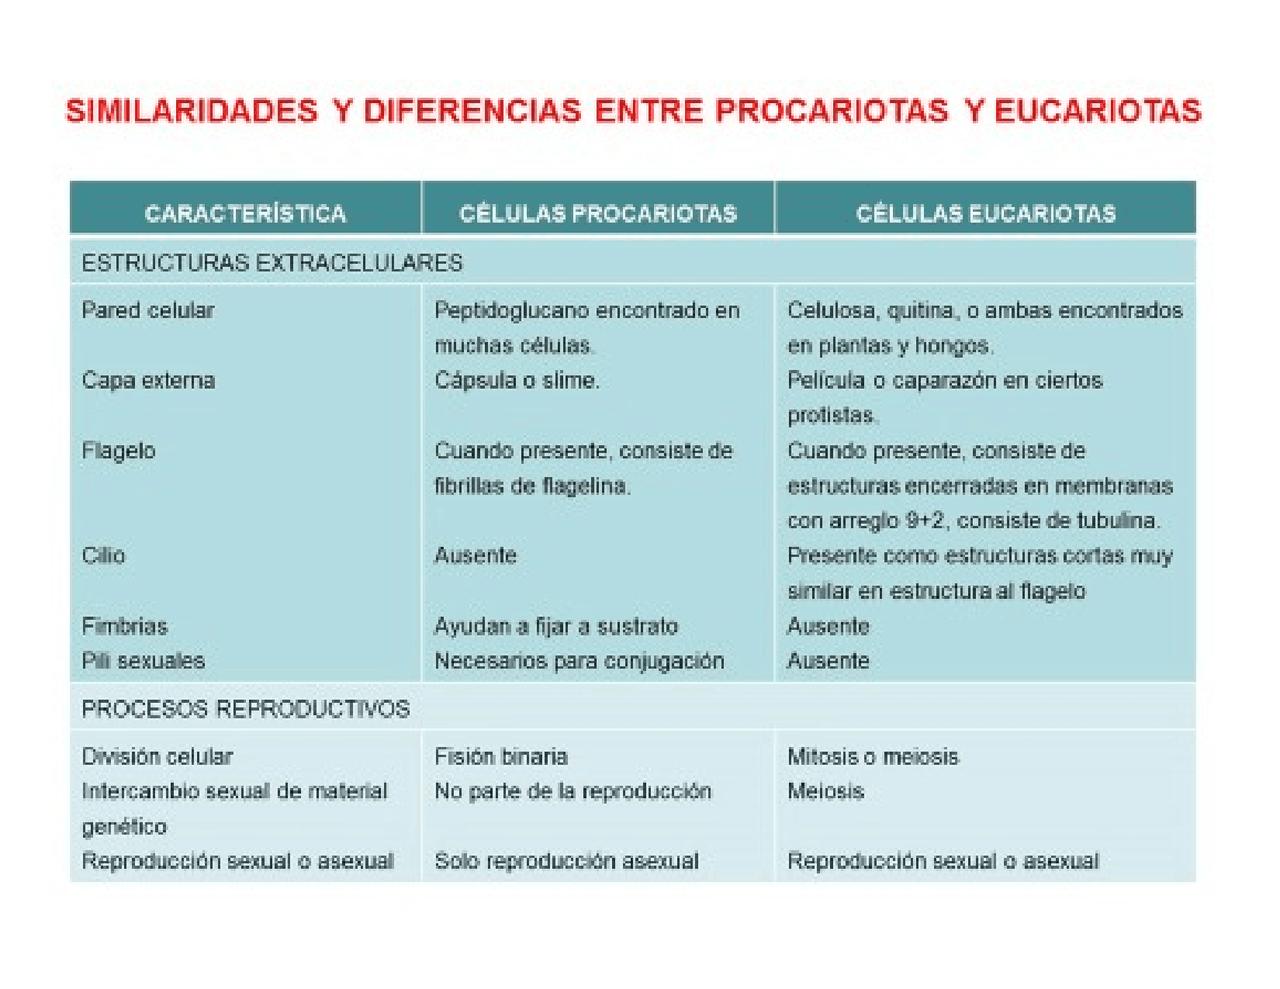 Diferencia Y Semejanzas Entre Celula Eucariota Y Procariota Cuadro Comparativo